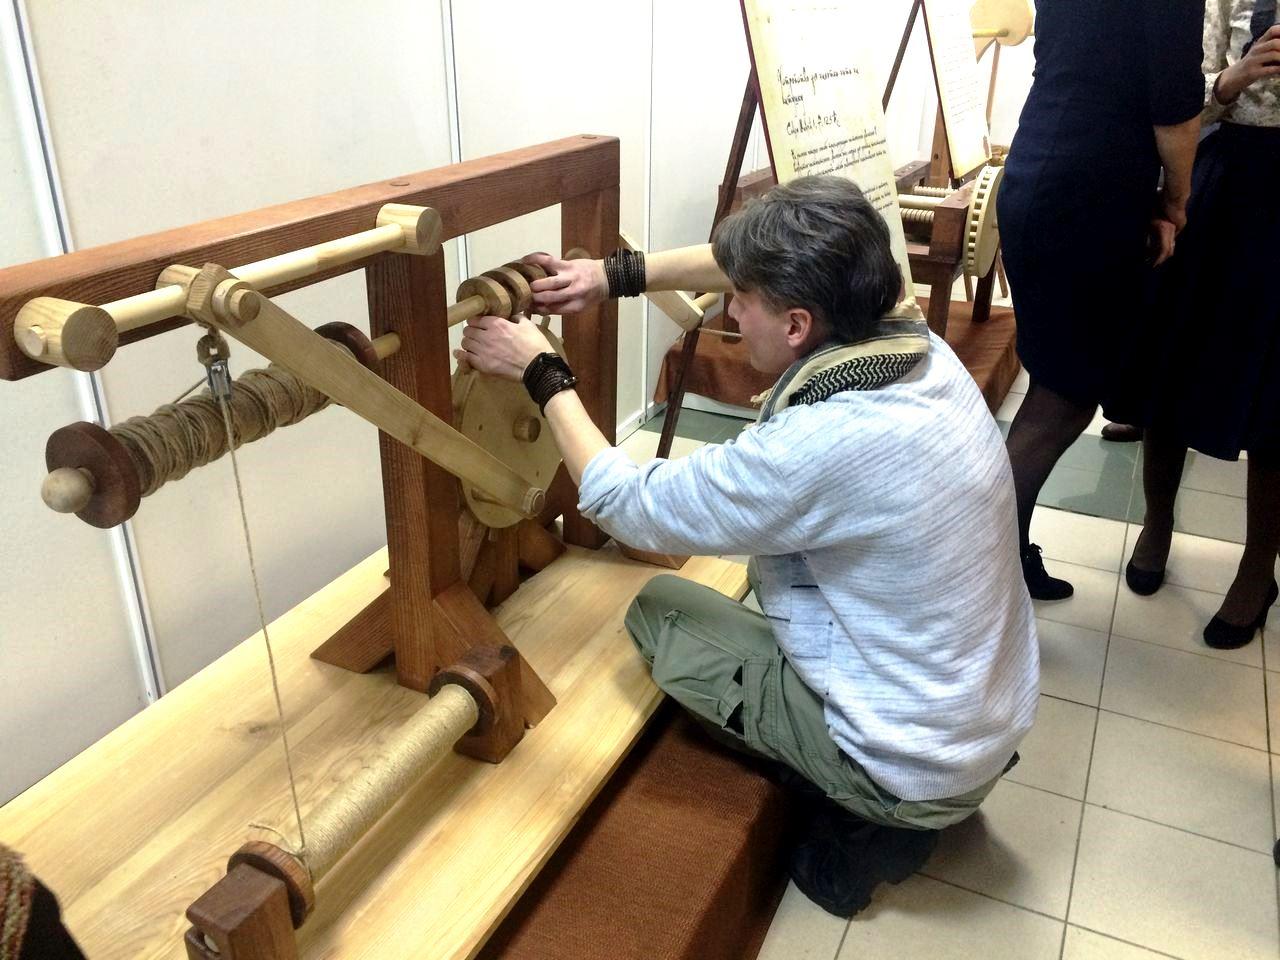 Николай Бутонов пытается починить Устройство для намотки нити на катушку. Фото: ©«ДЕНЬ.org»